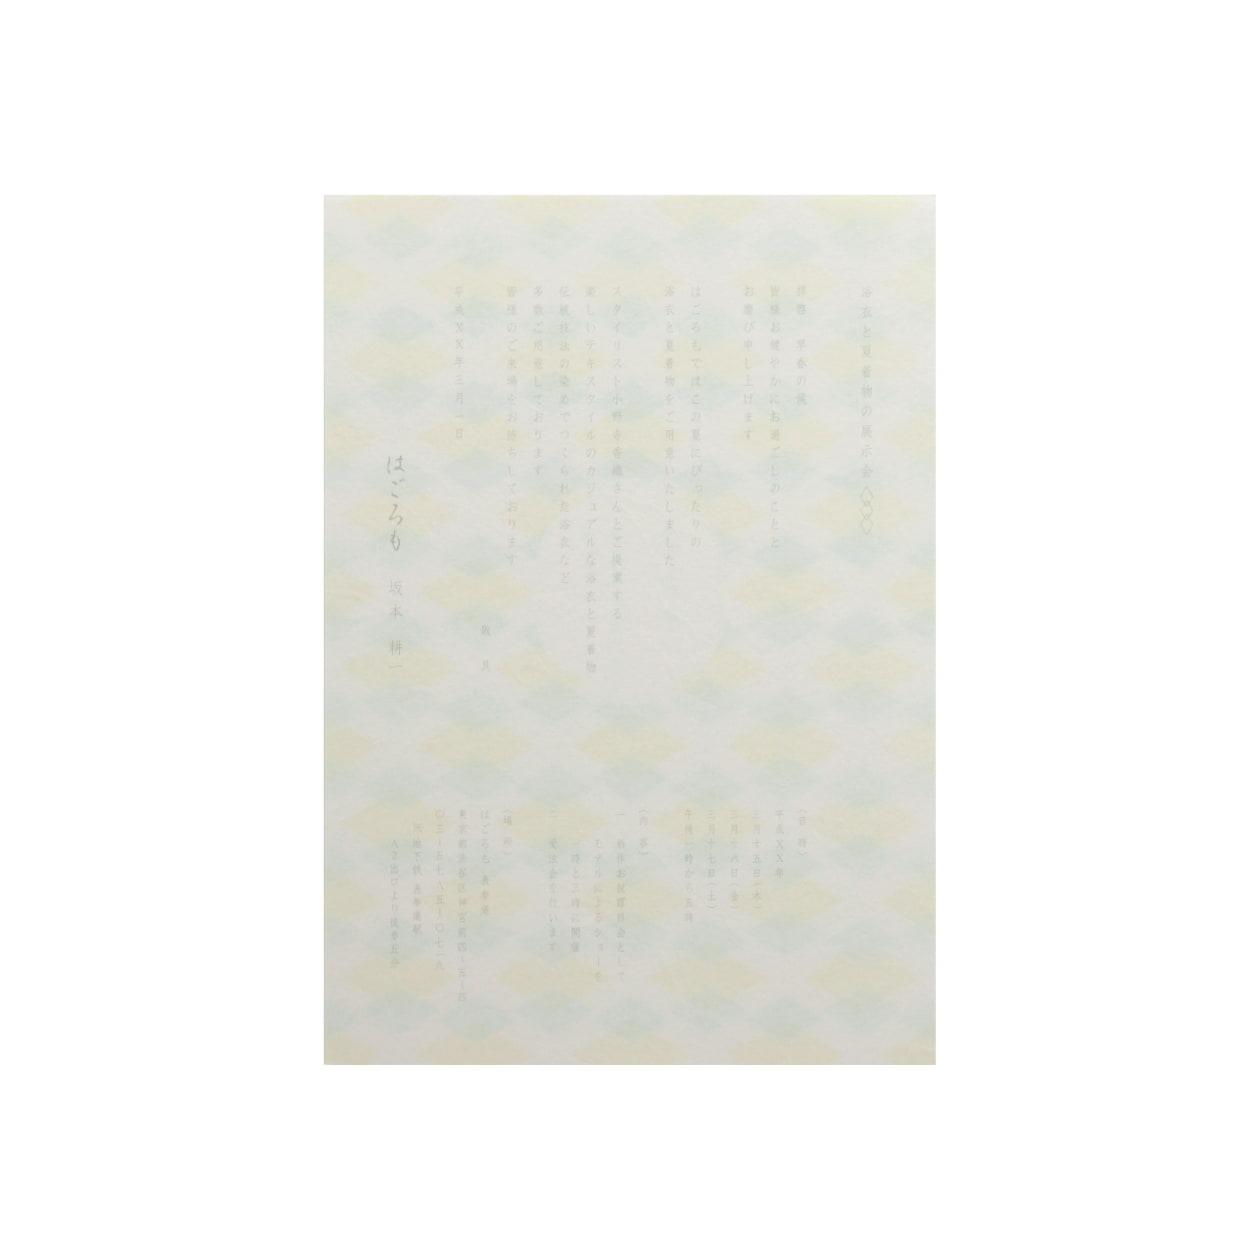 サンプル カード・シート 00148